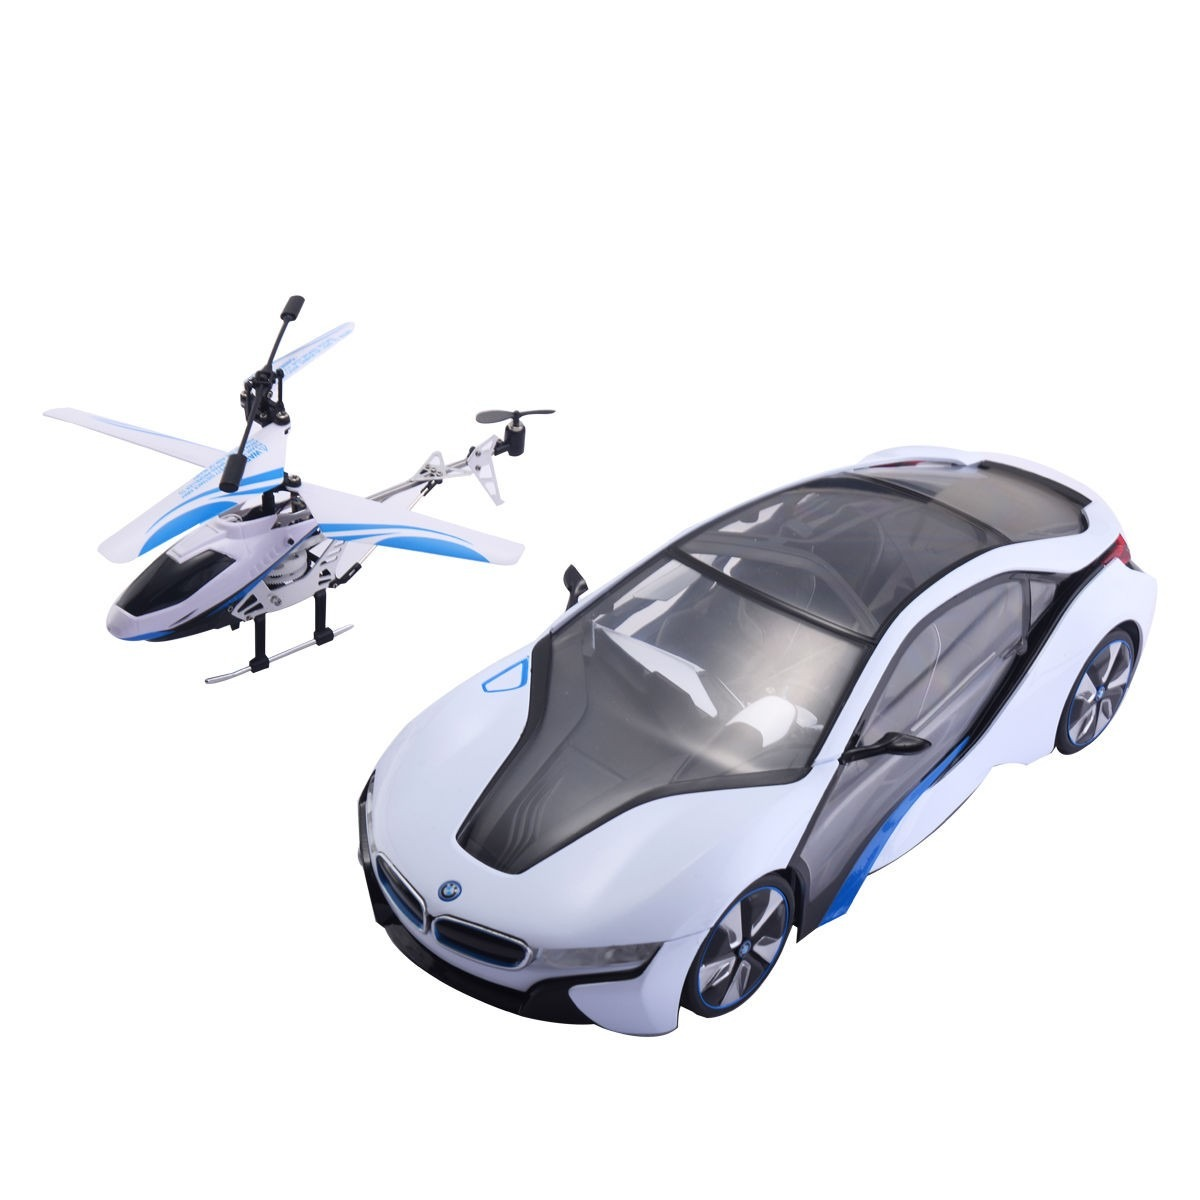 Carro Juguete Y De Helicóptero Bmw Control I8 A Remoto Om0yPvN8nw